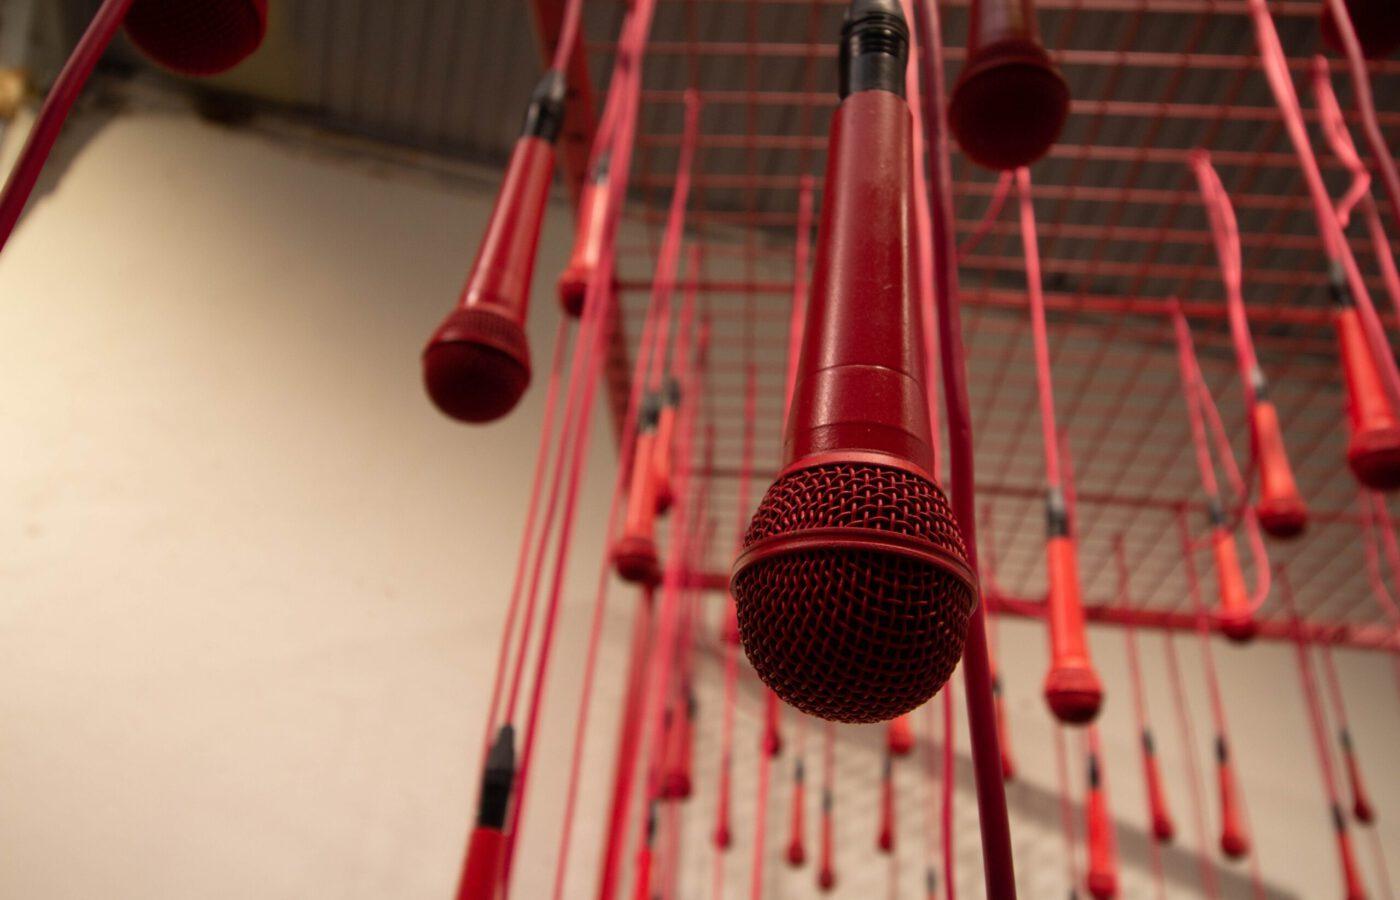 Kuvassa on katossa roikkuvia mikrofoneja, jotka symboloivat lausumista.